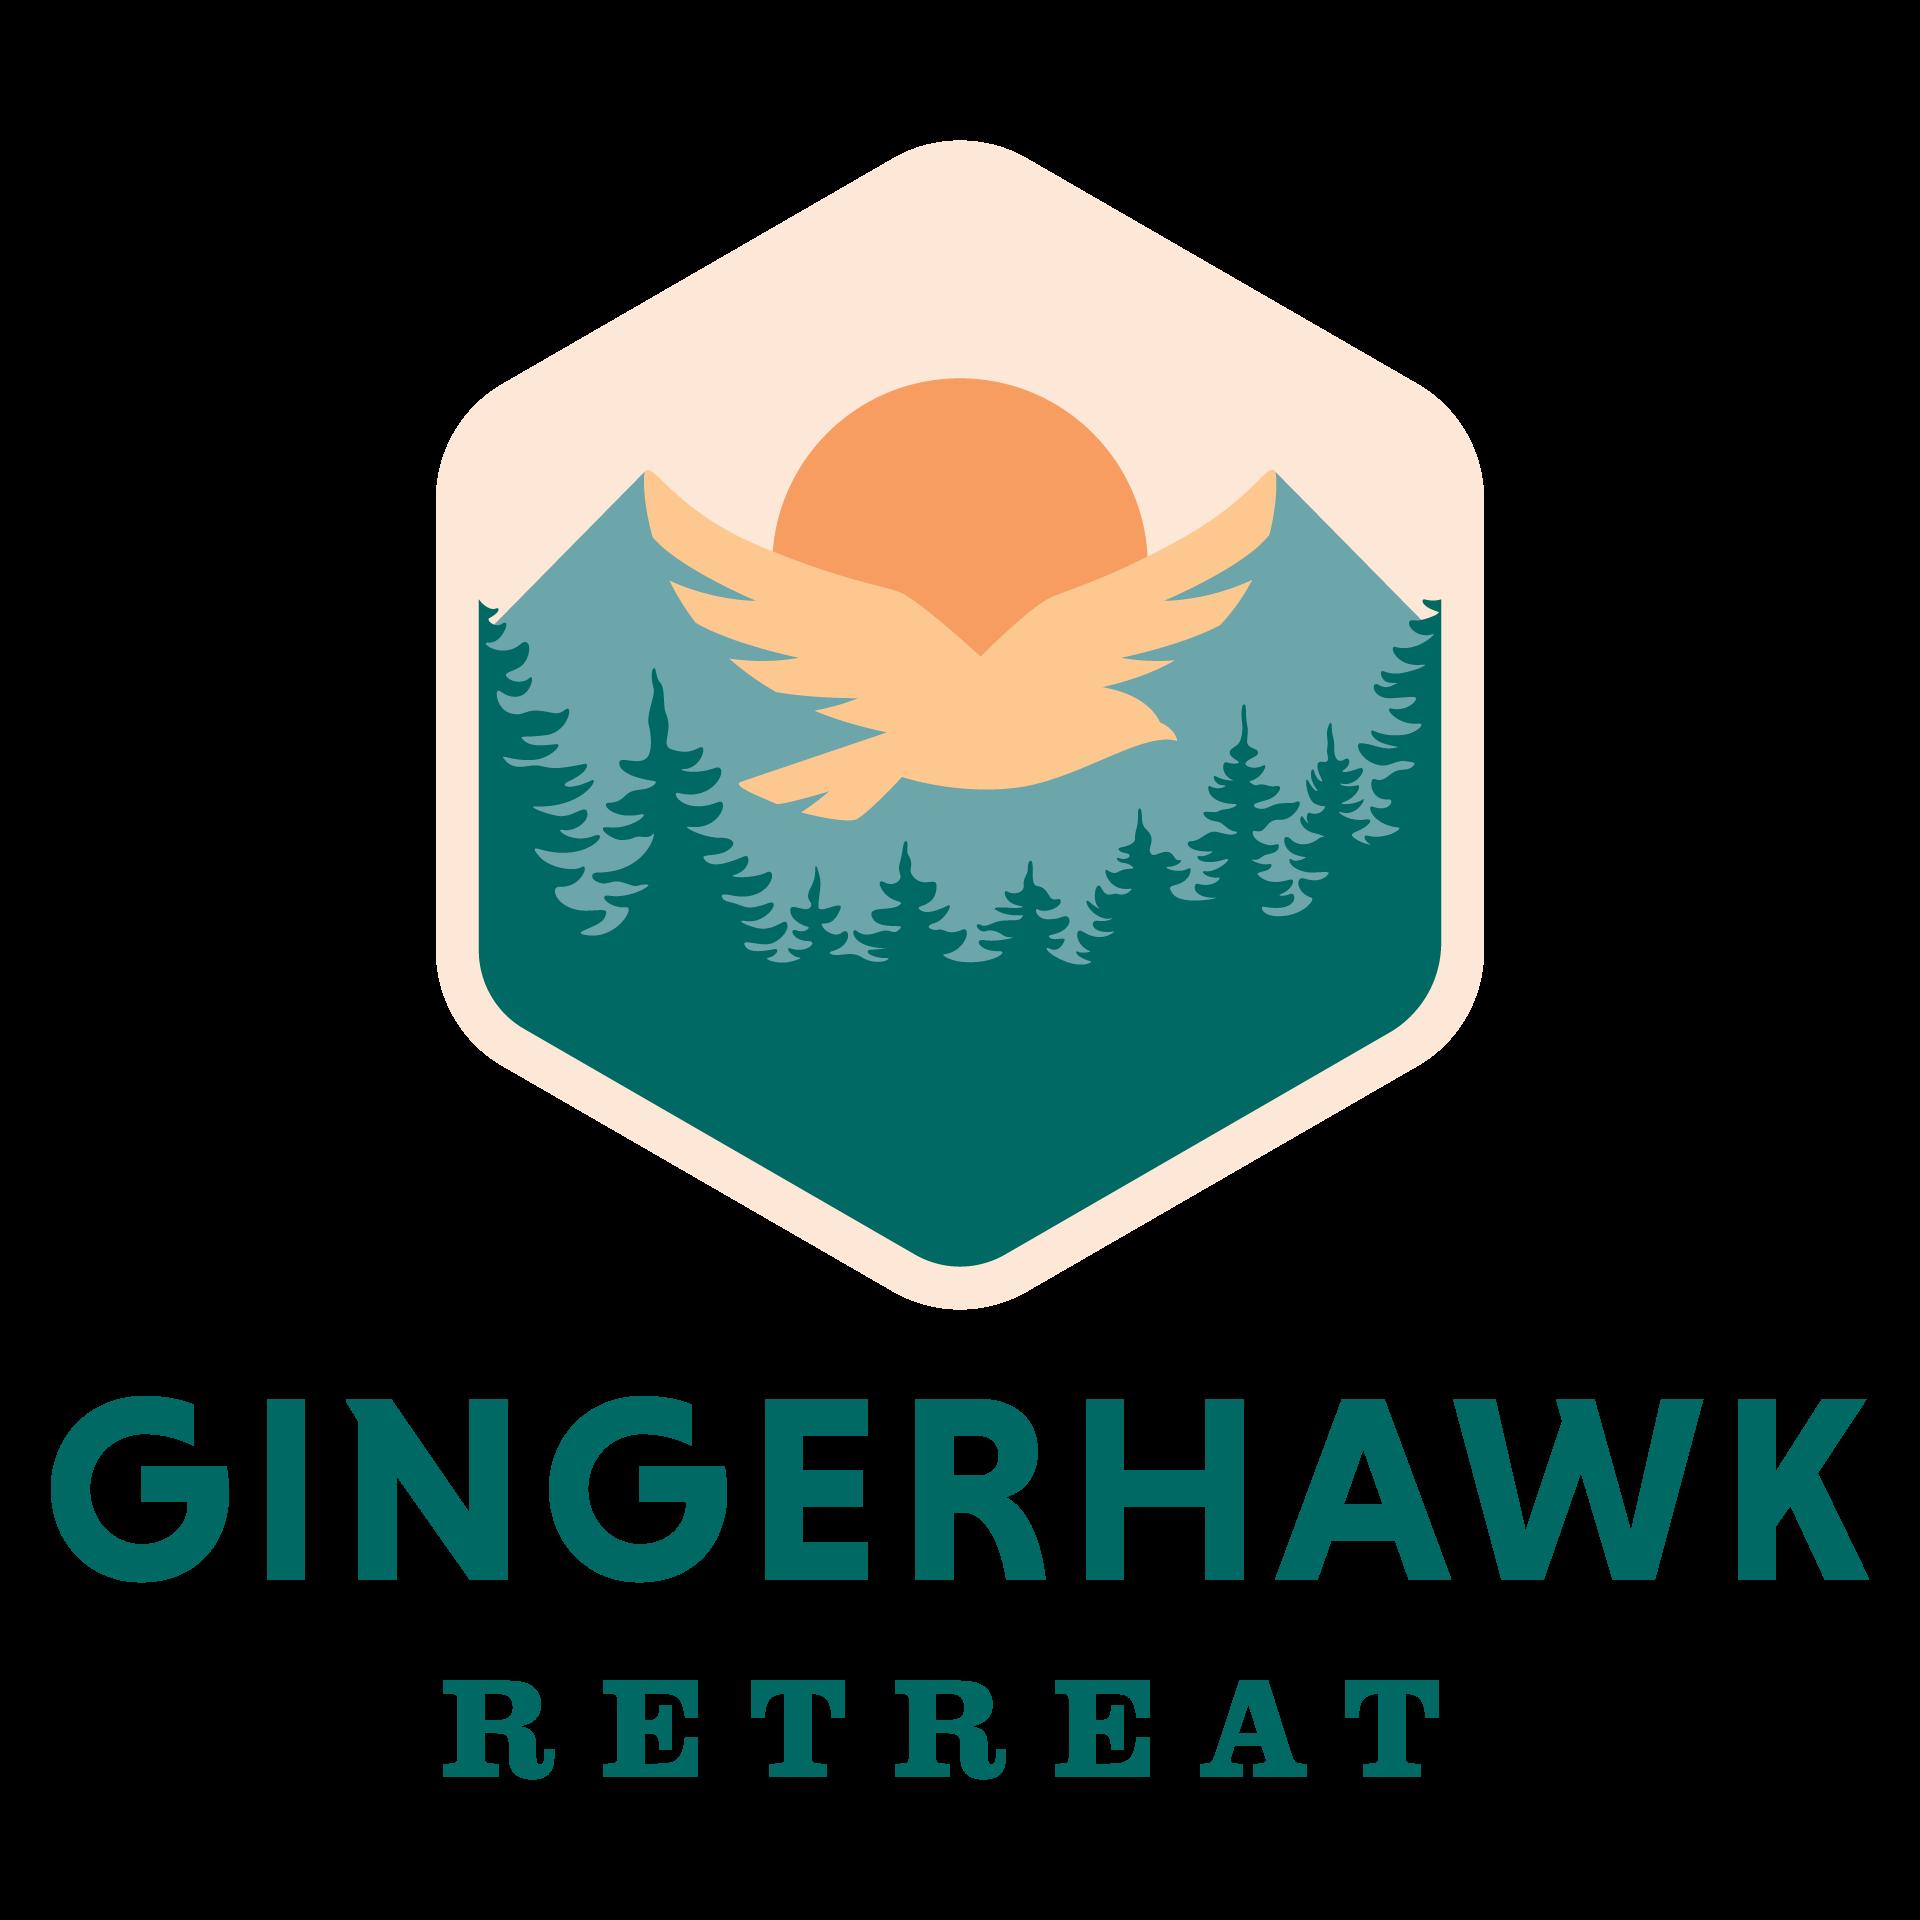 gingerhawk_logo_textbelow_RGB_web_1920x1920px